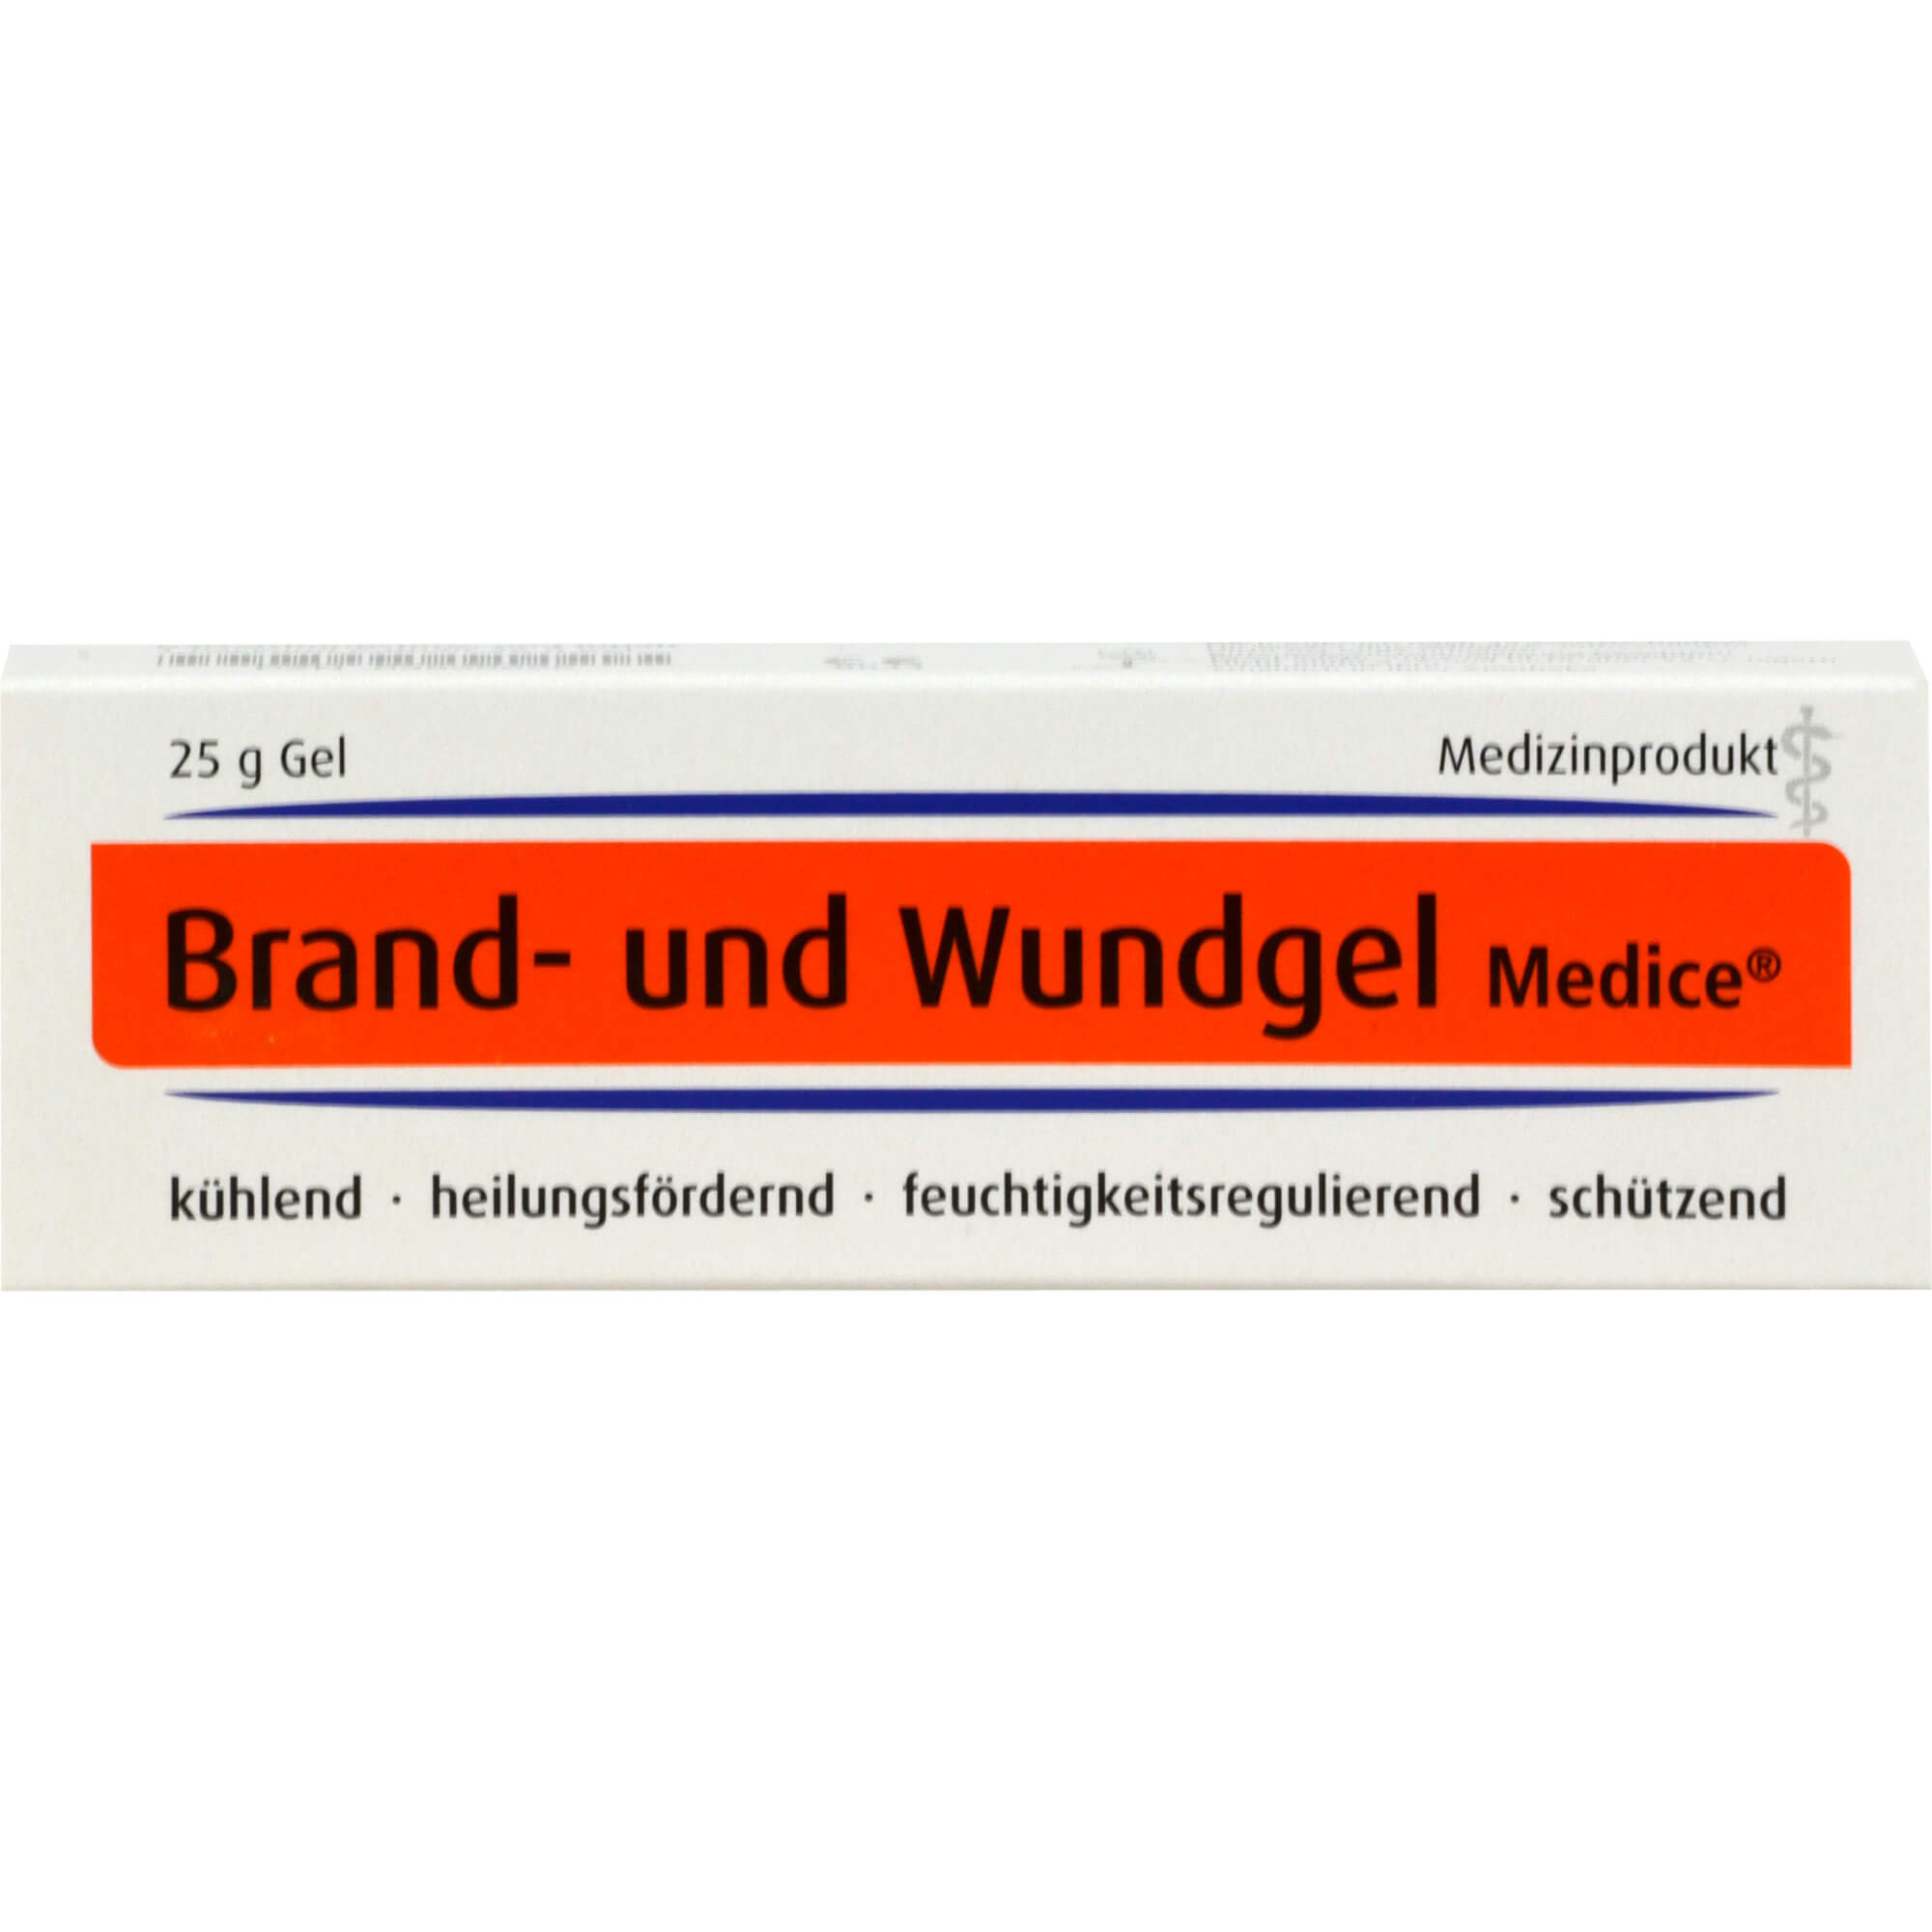 BRAND-UND-WUNDGEL-Medice